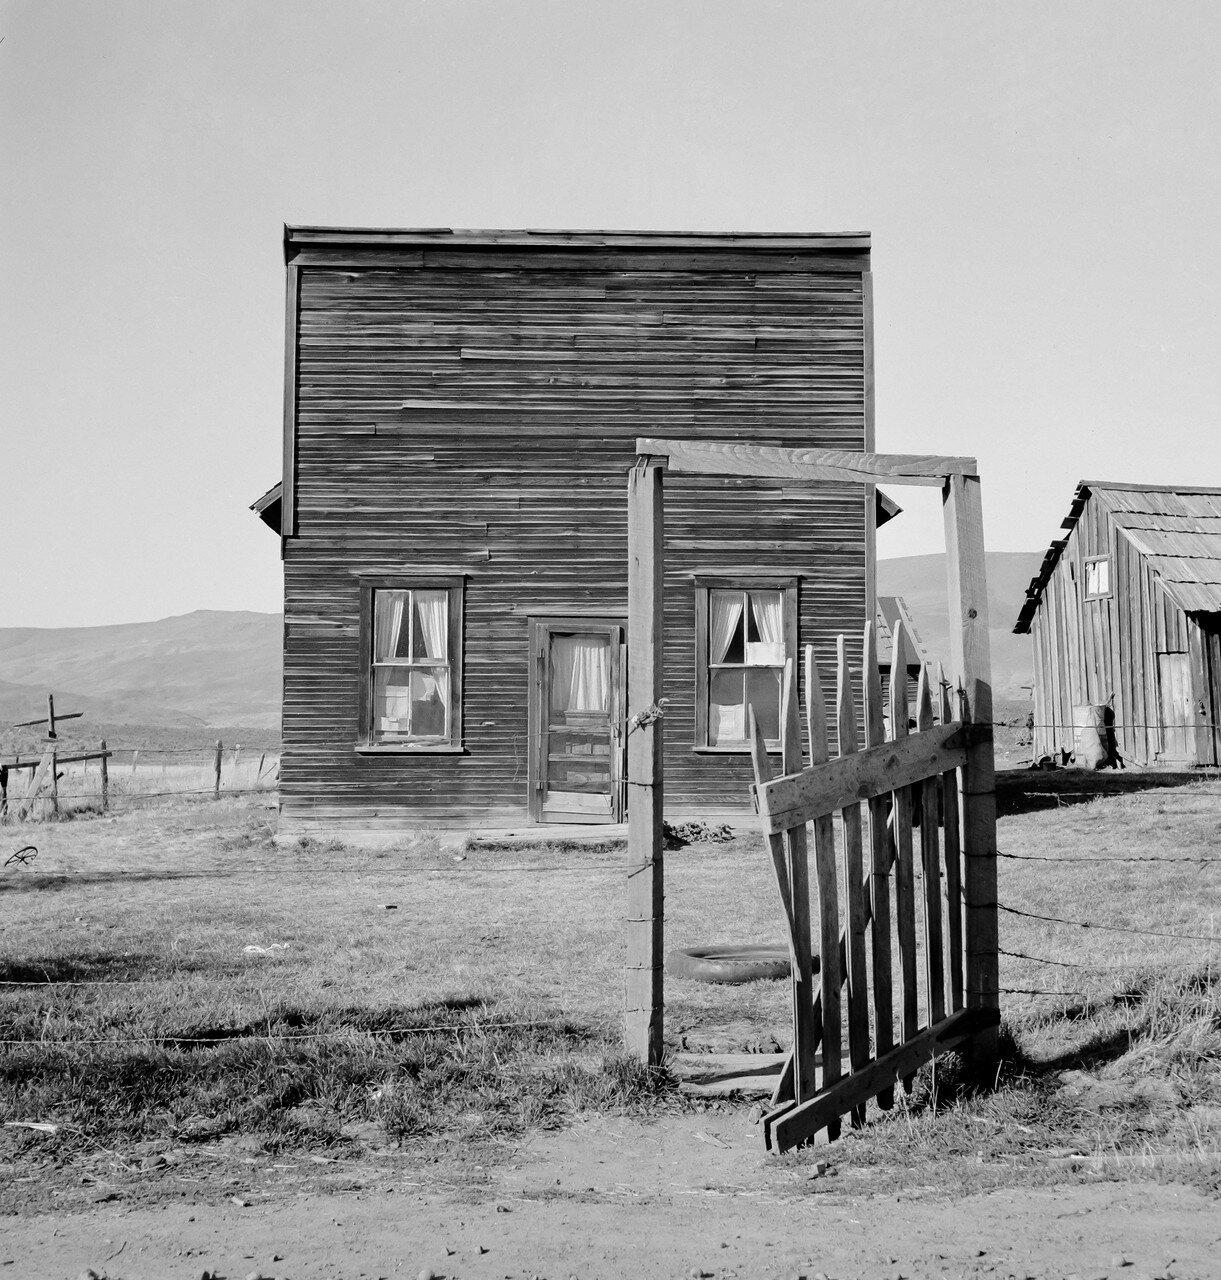 1939. Фермерский салун, ставший временным пристанищем для членов общества самопомощи, Айдахо